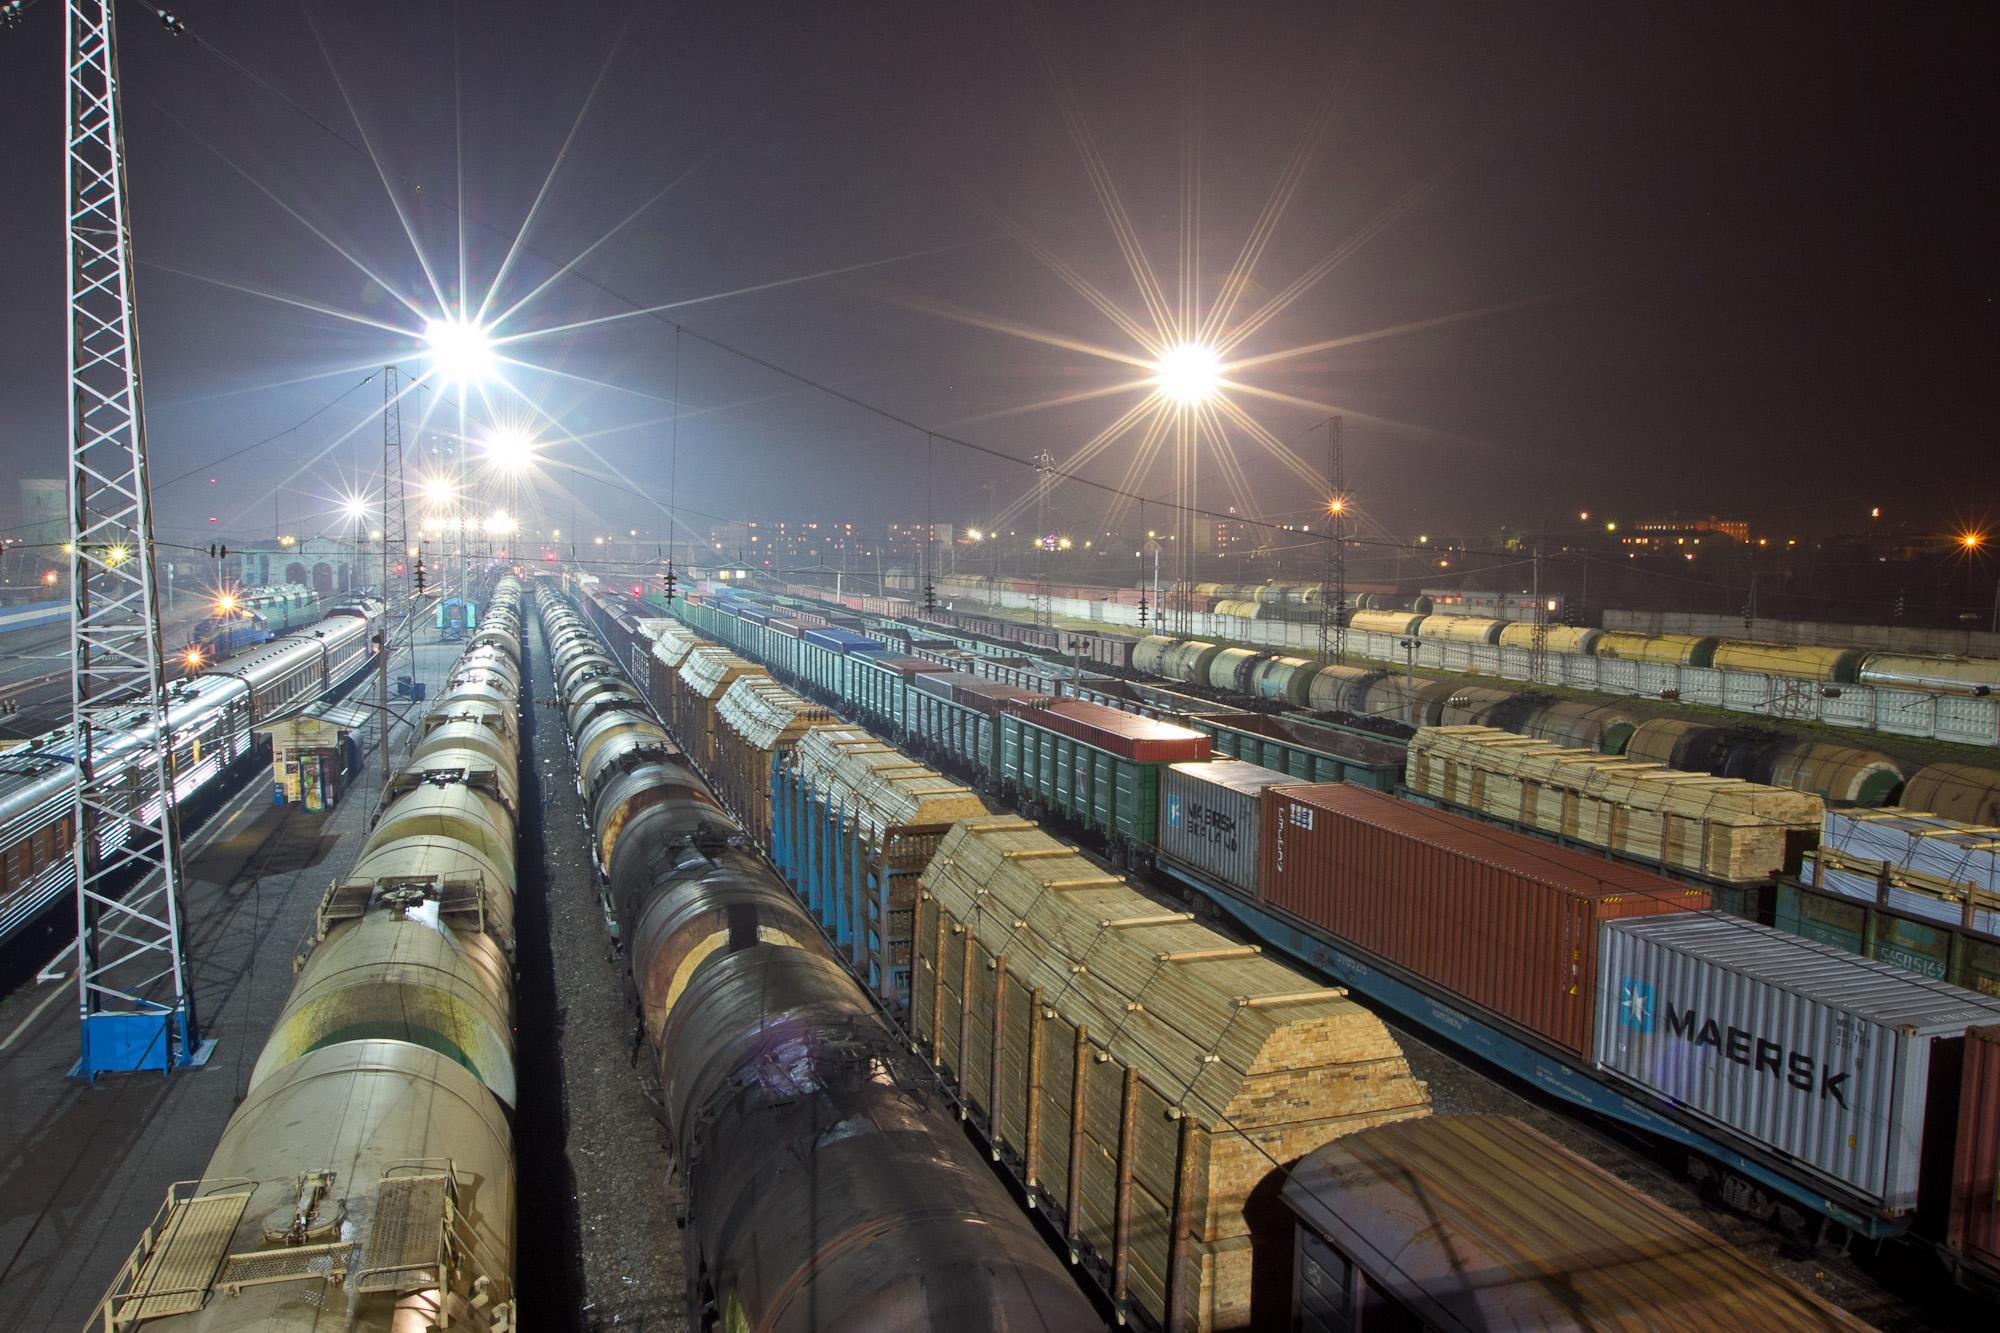 Казахстан через Грузинскую железную дорогу будет транспортировать 600 тыс. т грузов в год, КТЖ, Грузия , Транспортировка, Груз